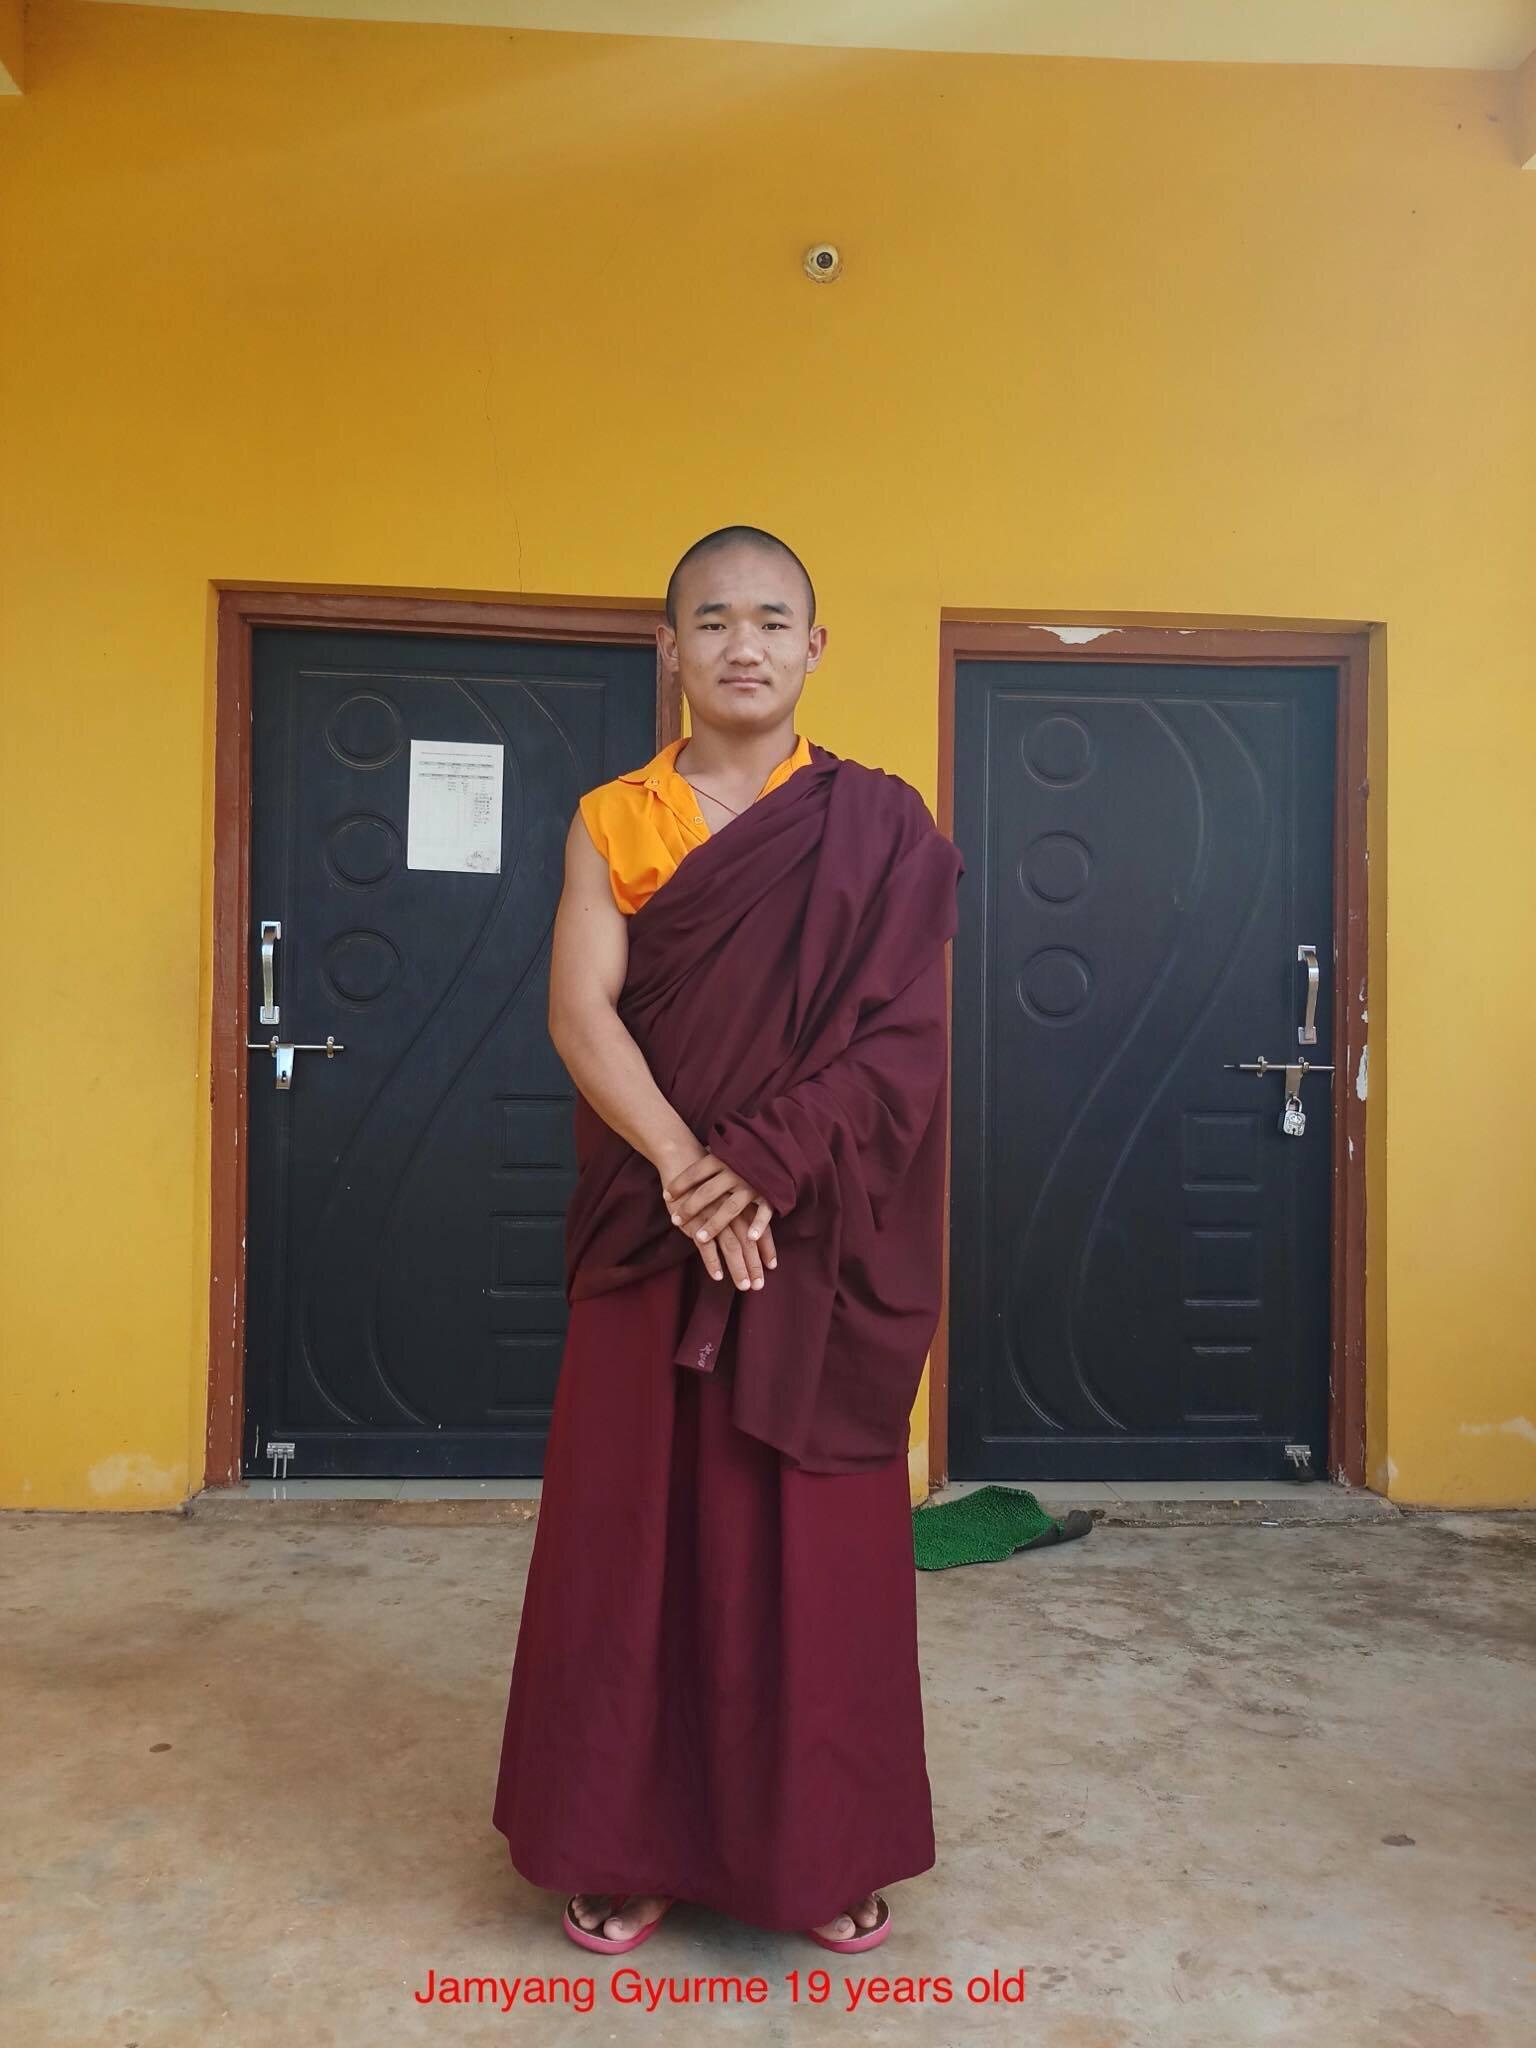 Monk_Jamyang_Gyurme_19yrs_old.jpg